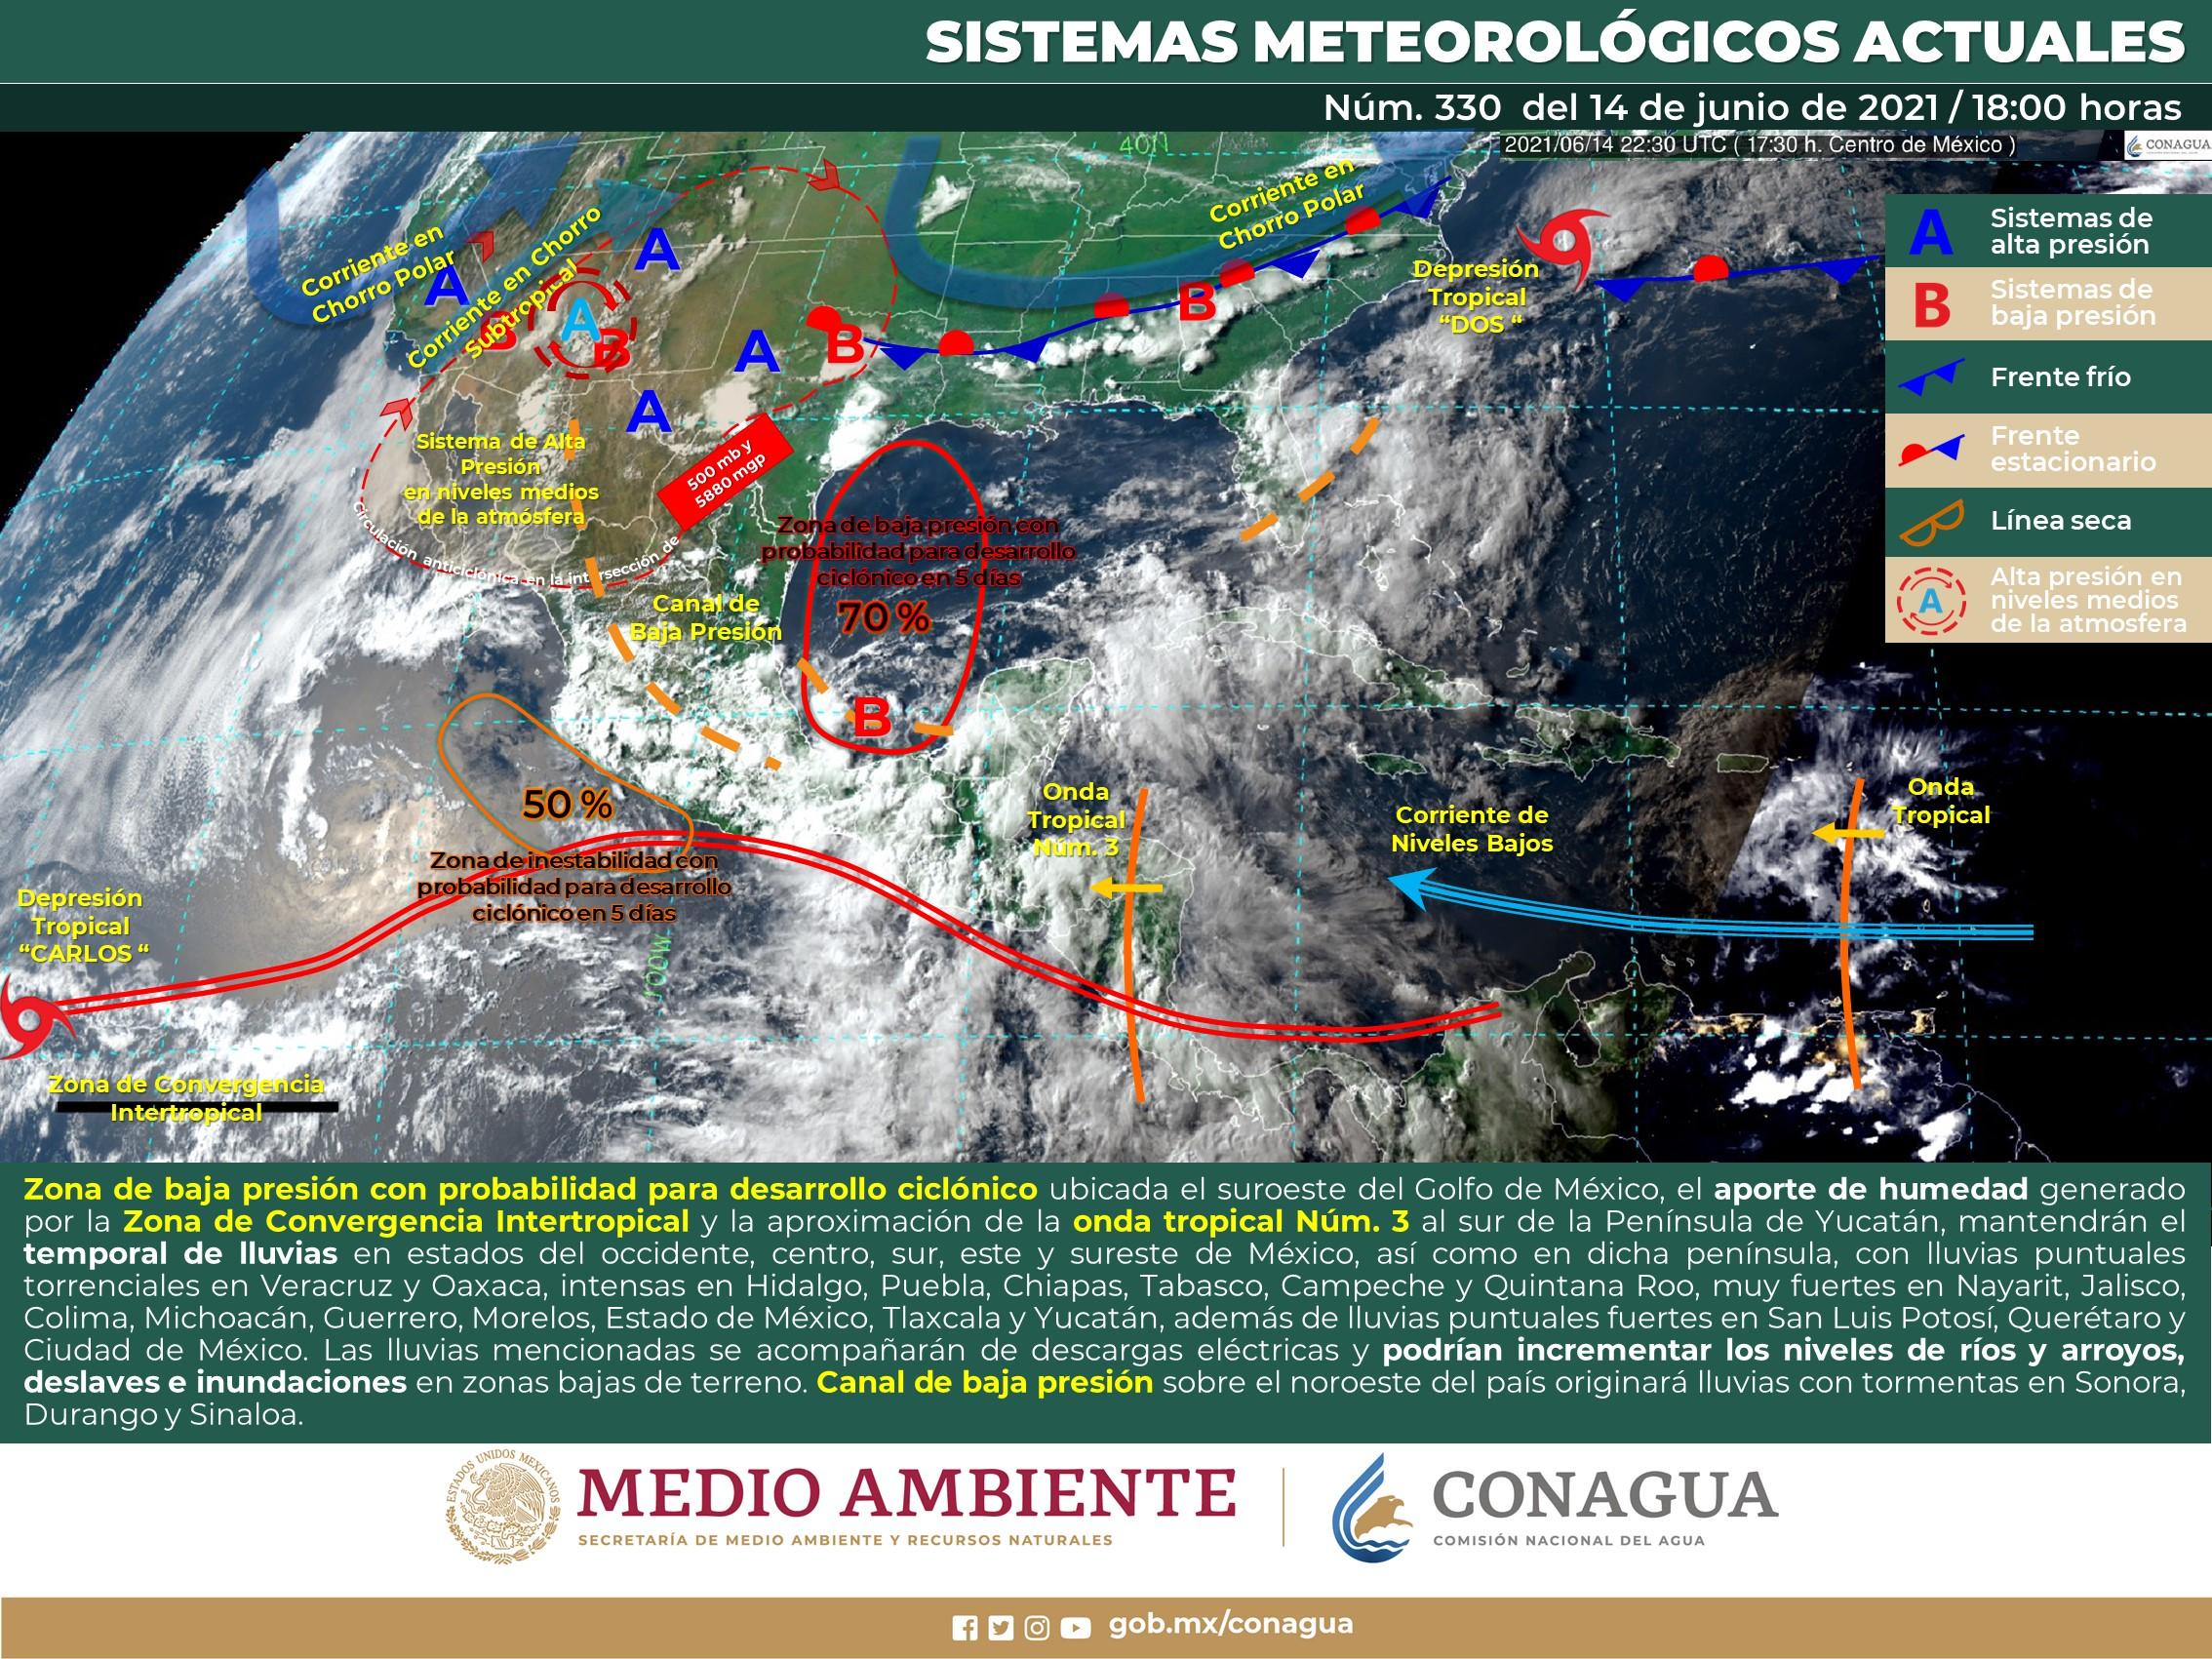 Nublados y baja a 15% probabilidad de lluvia este martes en Guanajuato